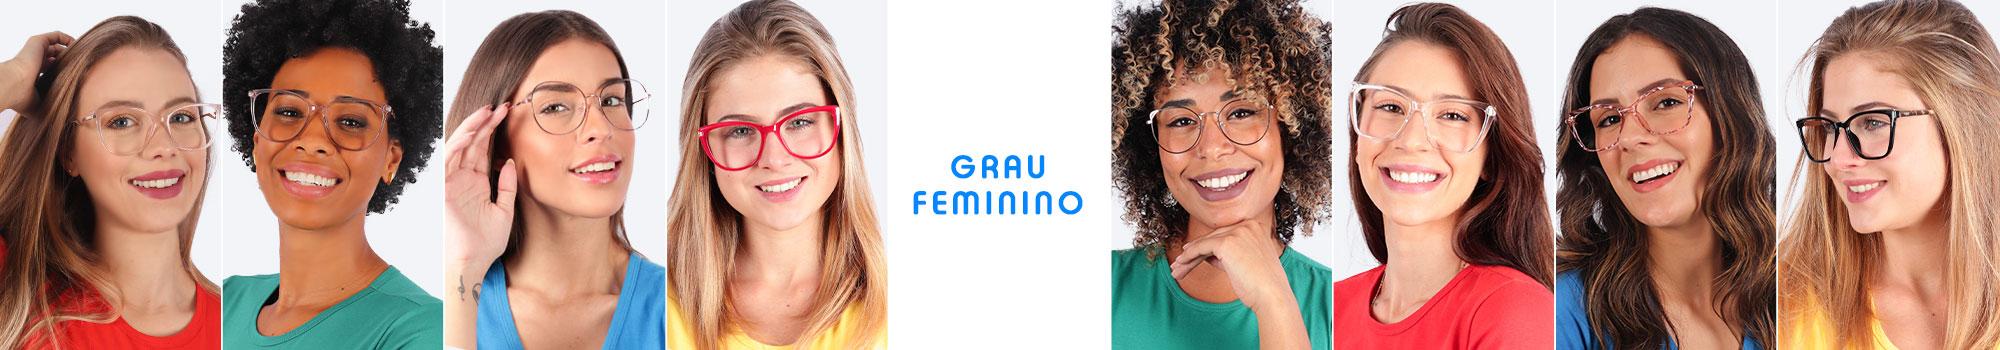 Grau Feminino